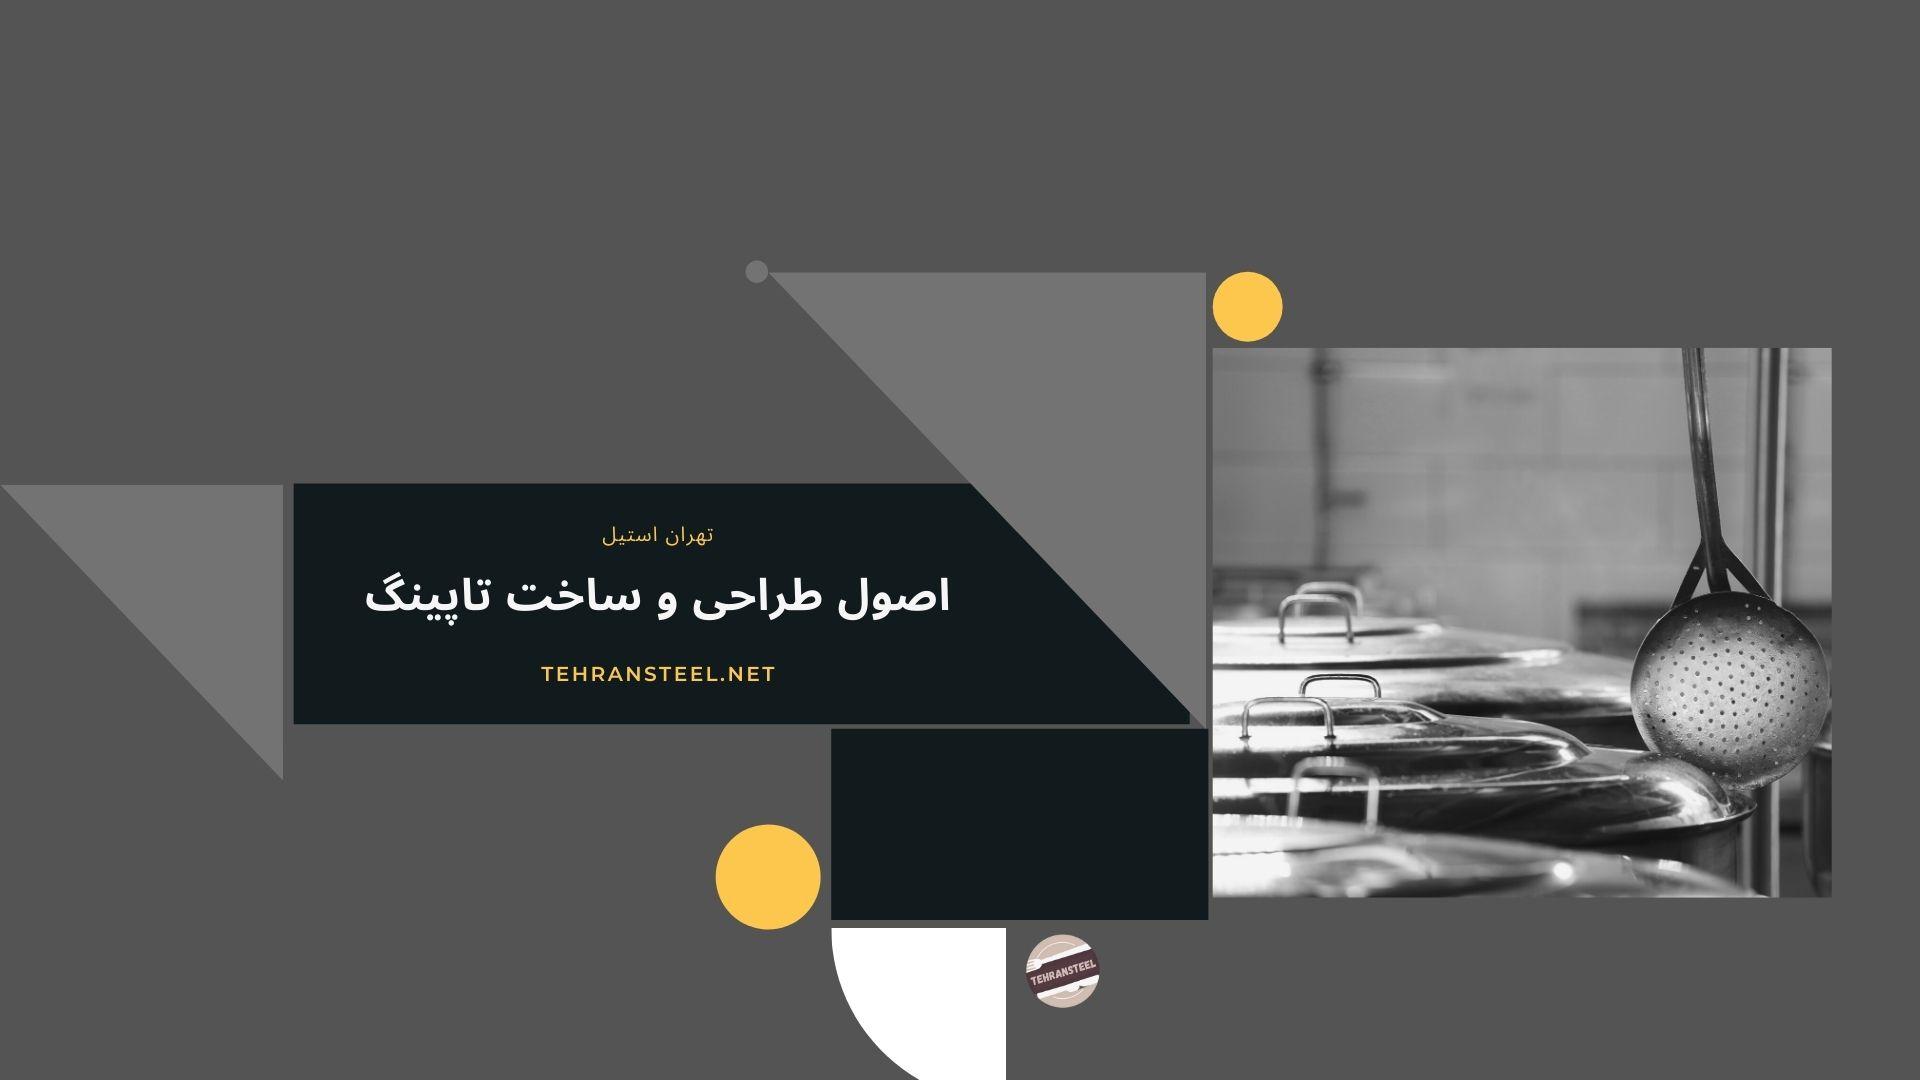 اصول طراحی و ساخت تاپینگ